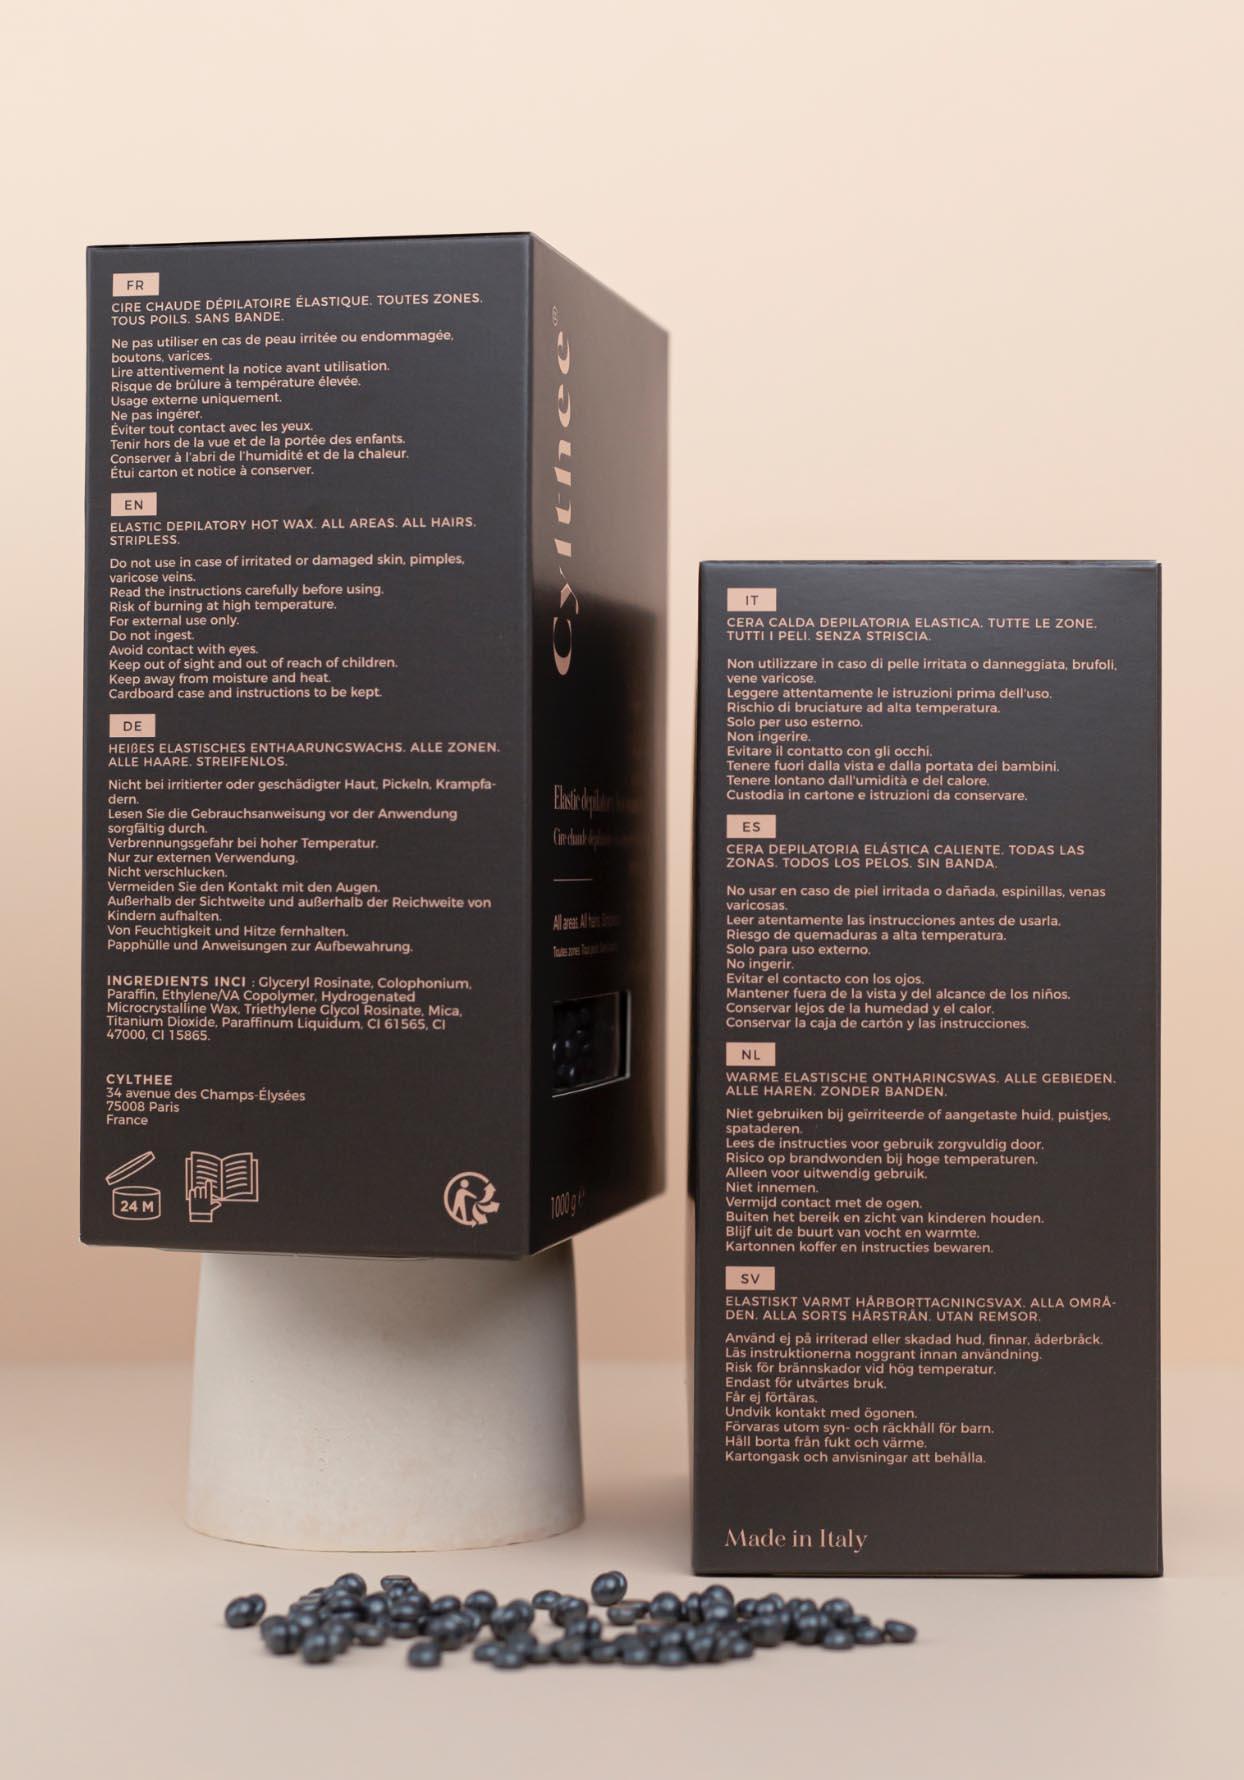 Photographie de packaging des faces latérales du packaging Cylthee